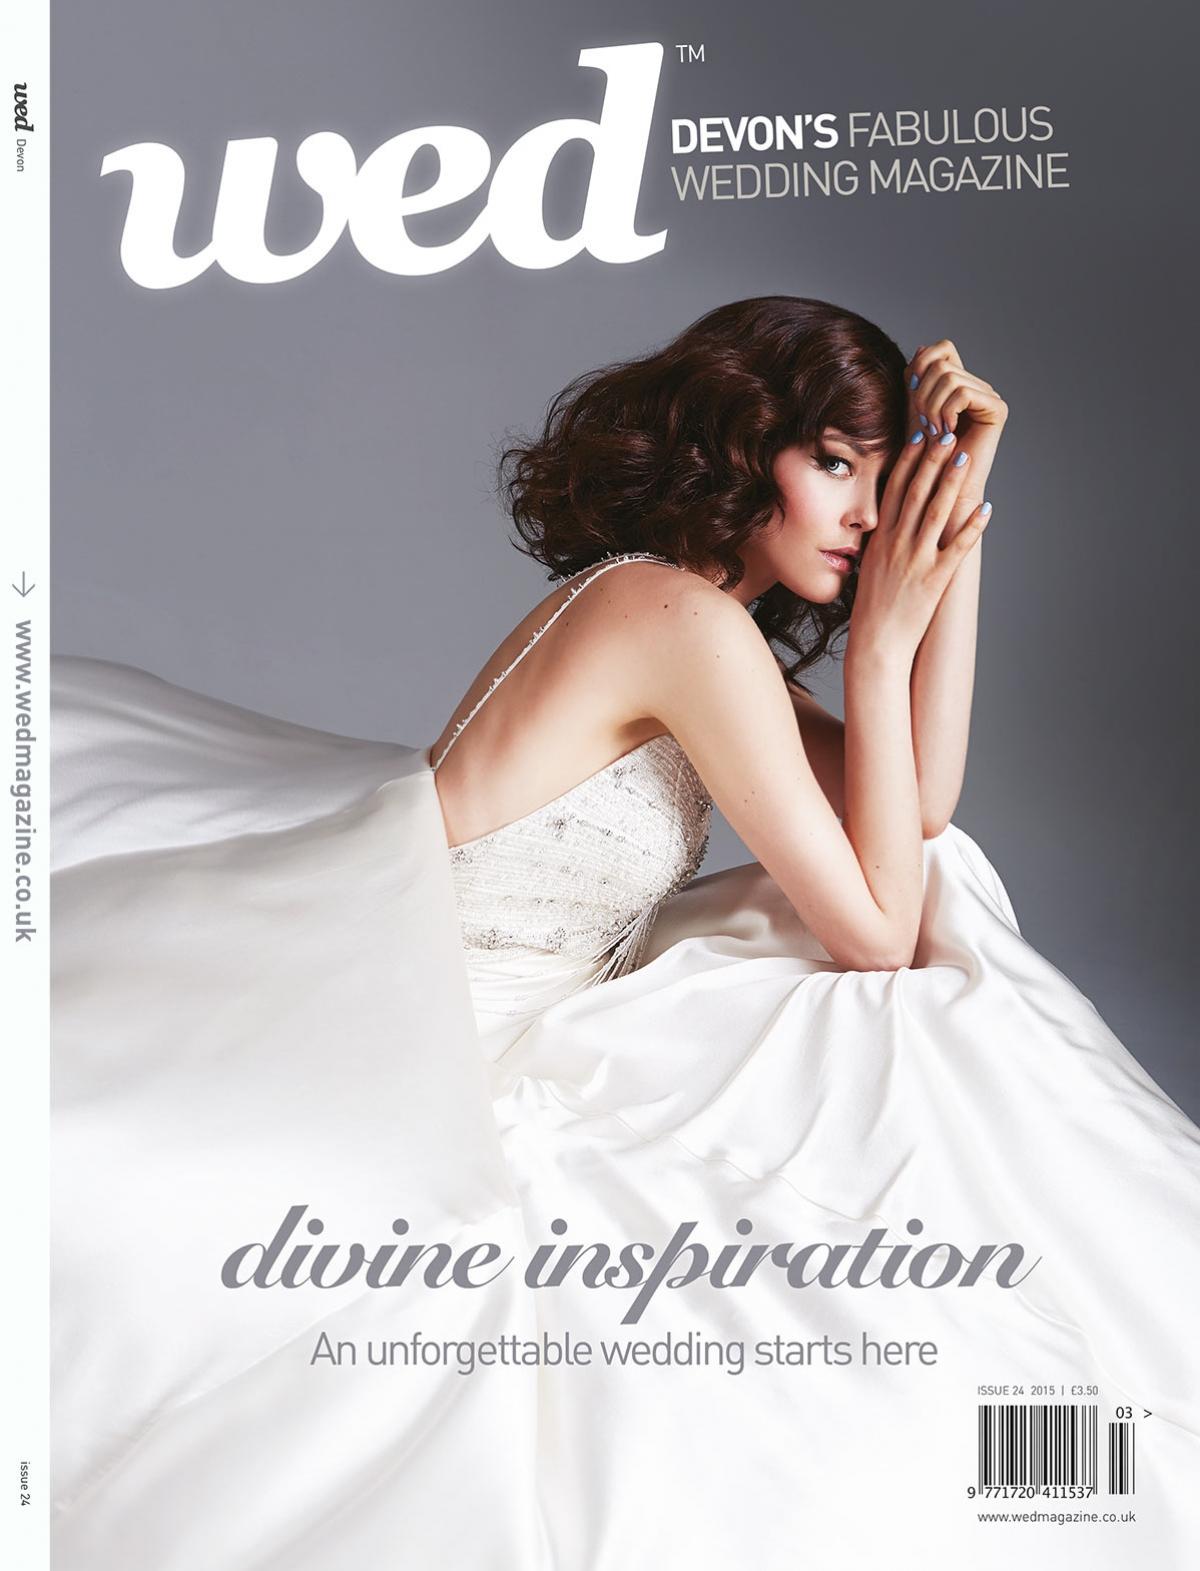 2_Wed-Magazine-Devon-24